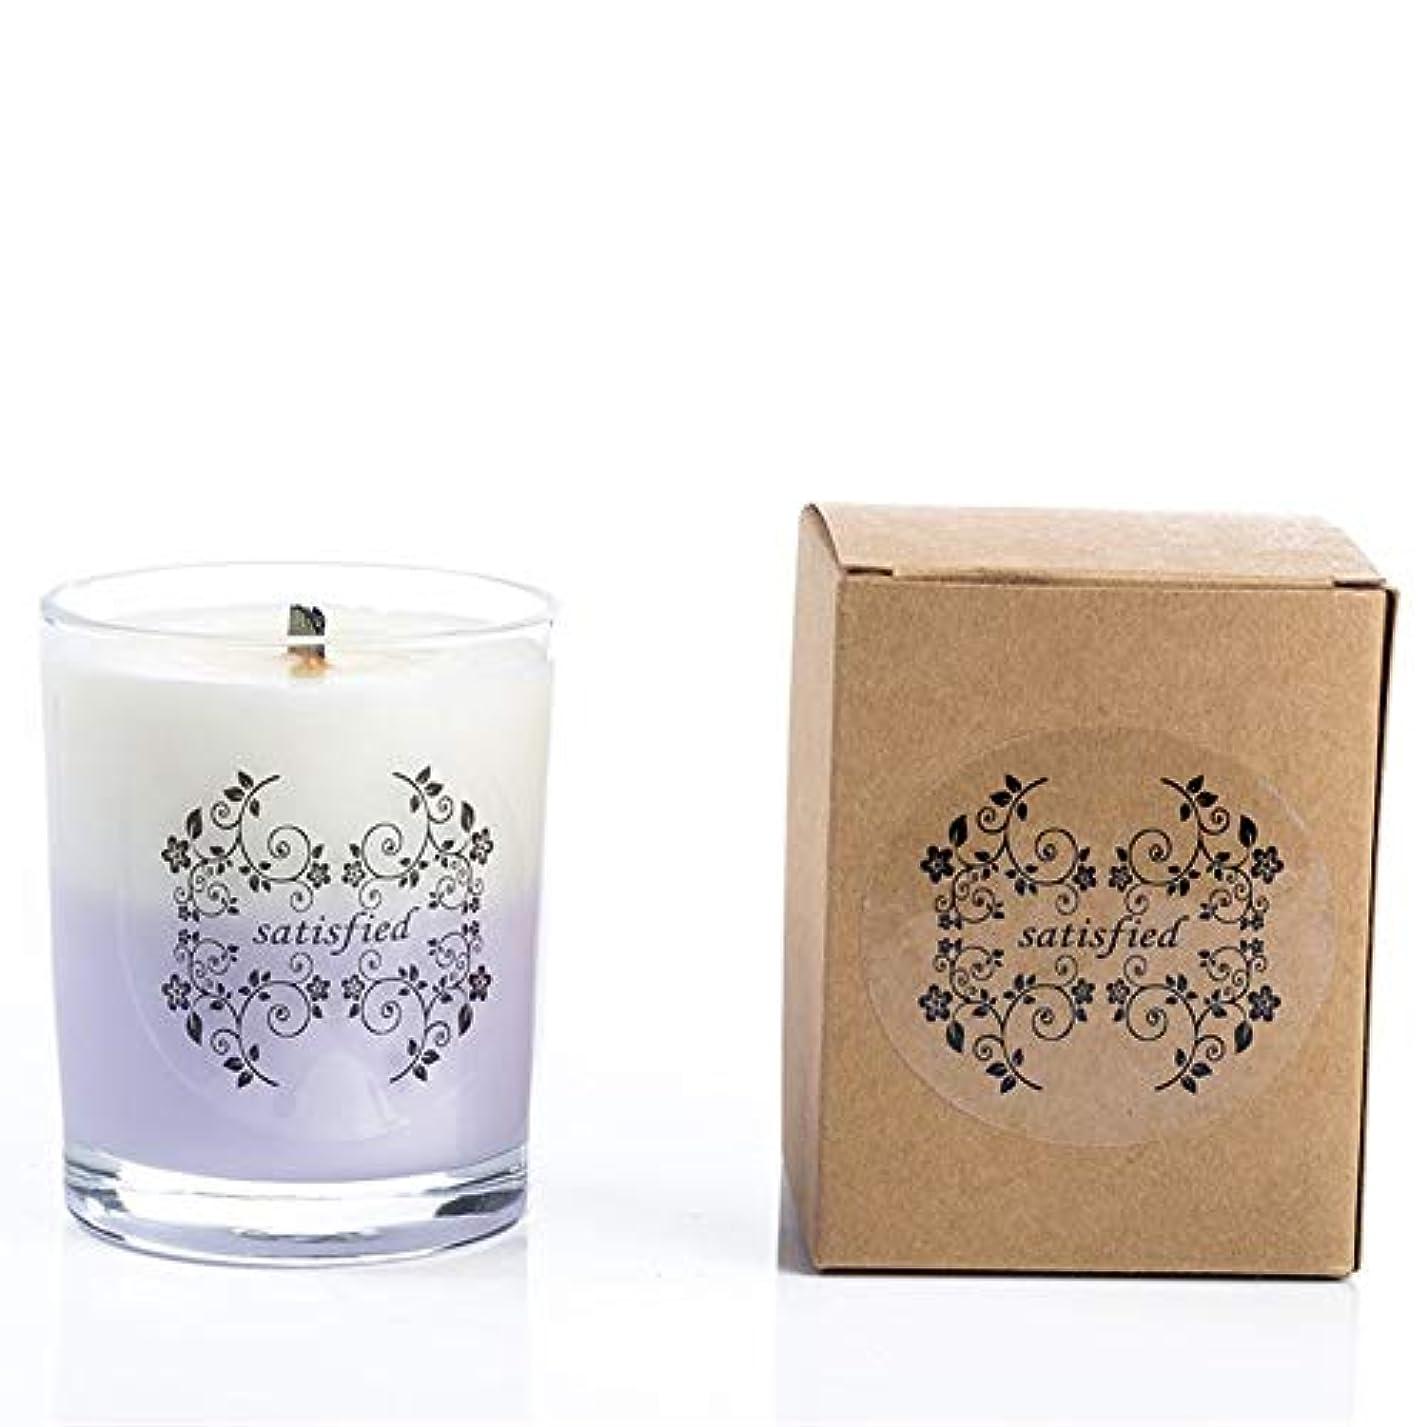 通訳重々しいカロリーZtian ガラスのツートンの香料入りの蝋燭のハンドメイドの無煙の香りの家の香料入りの蝋燭 (色 : Grapefruit)